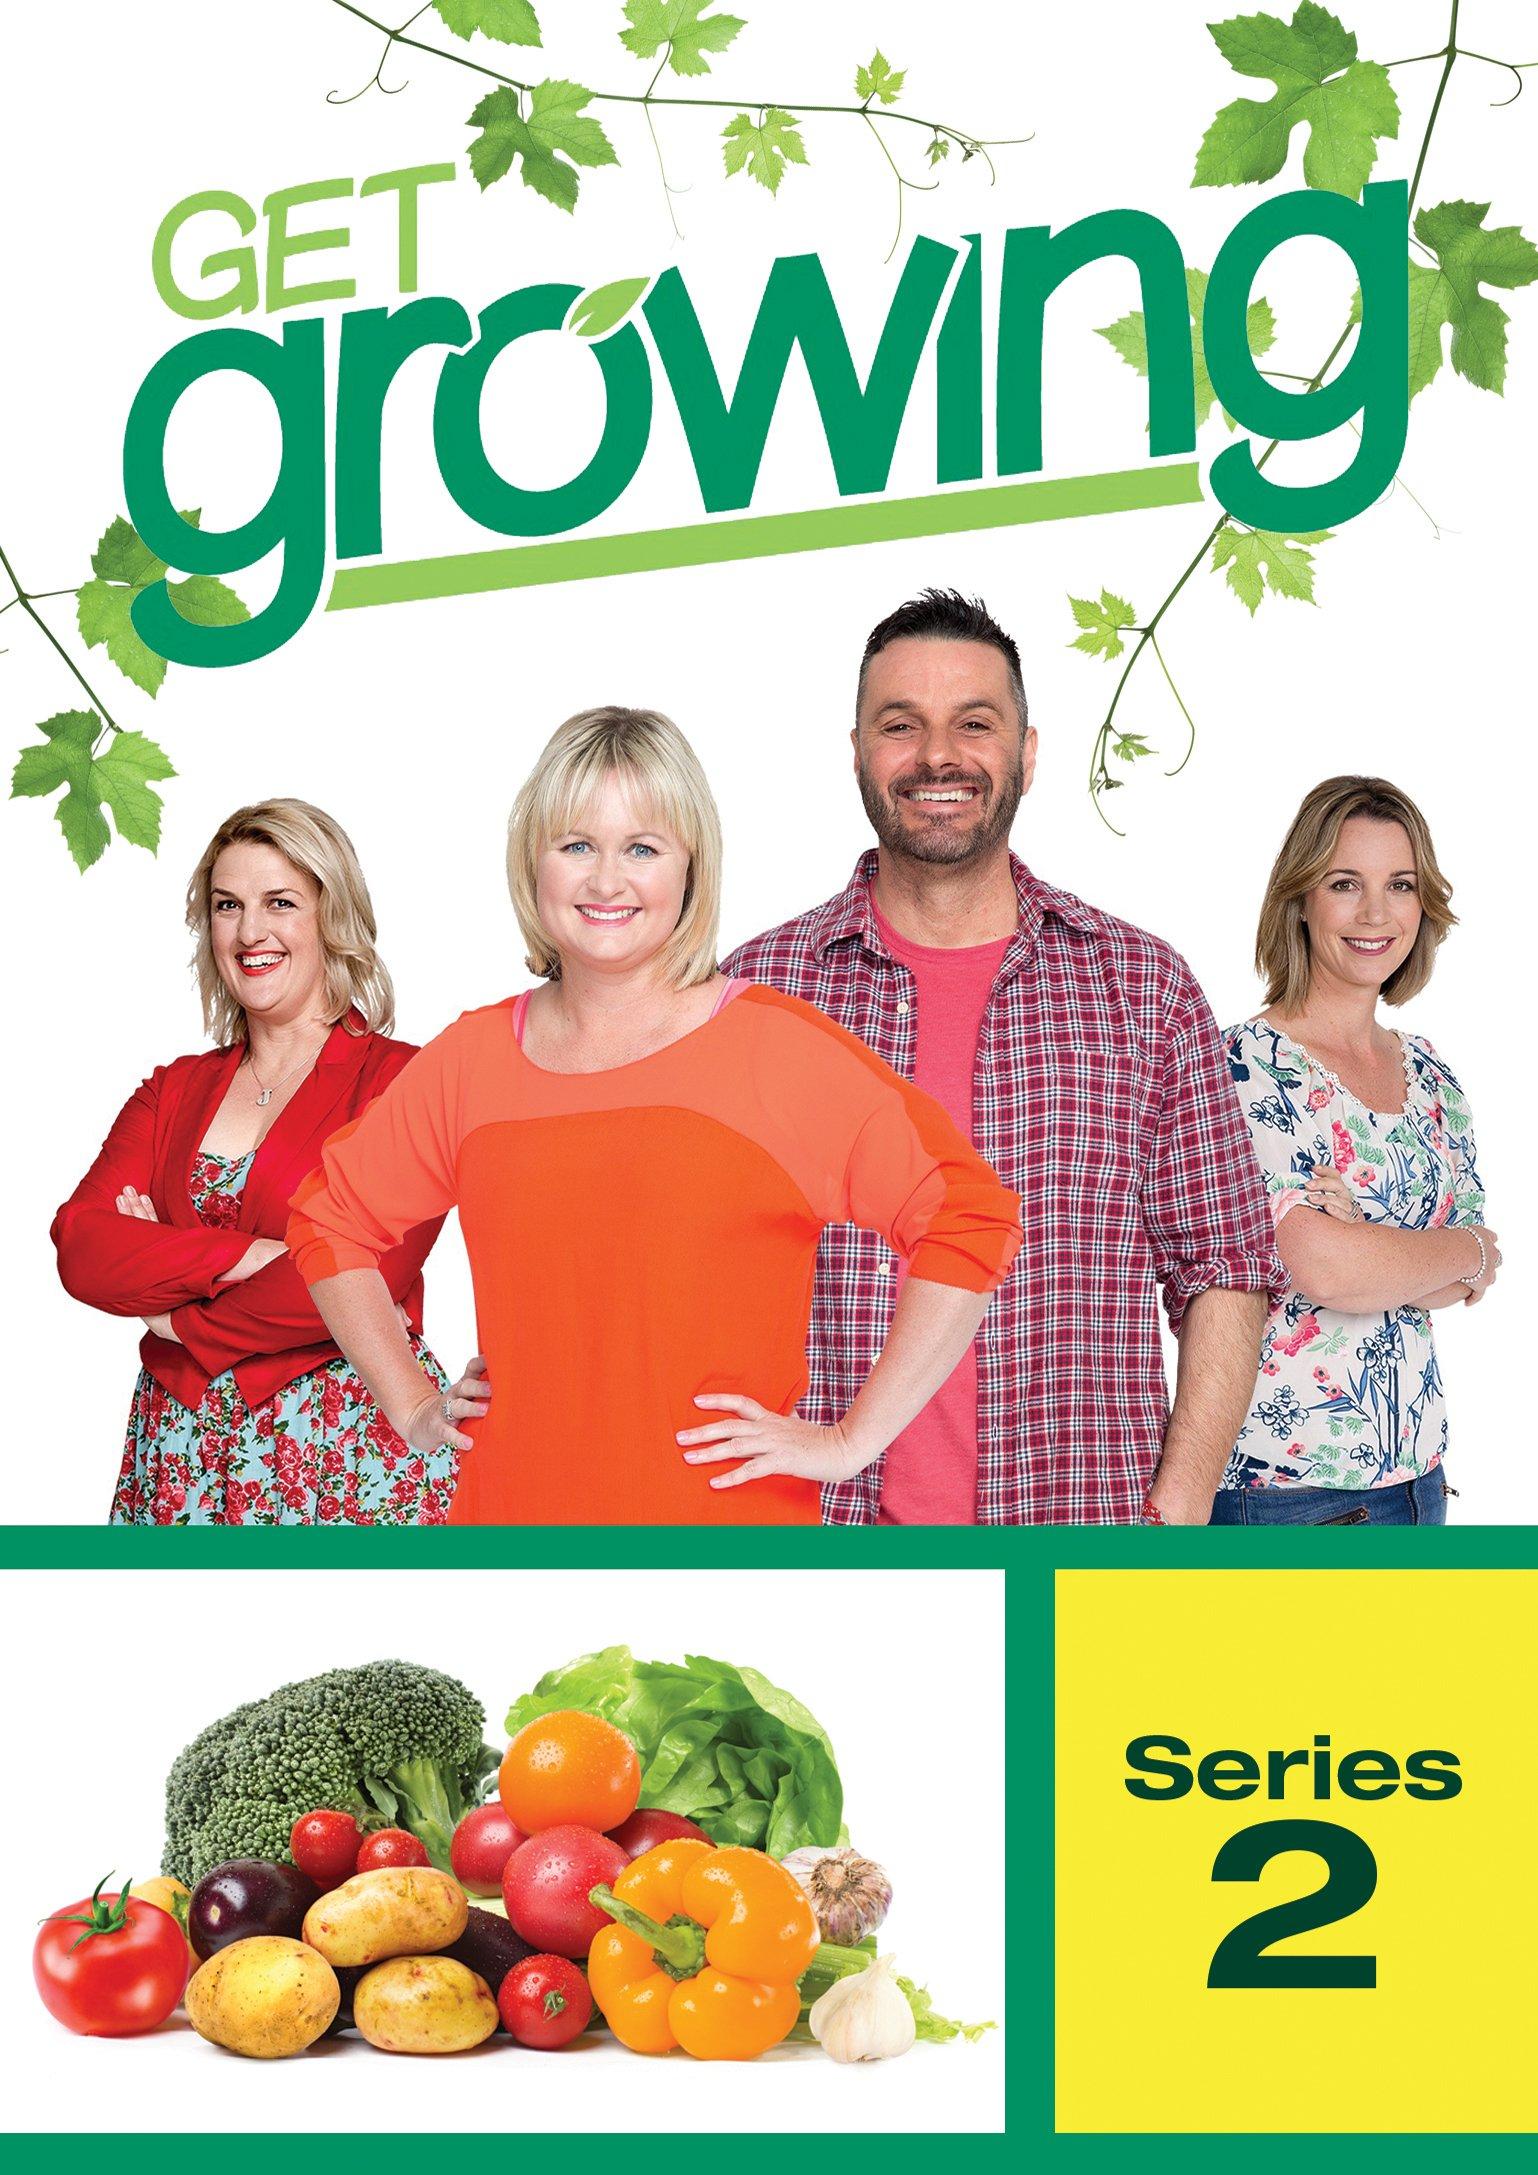 Get Growing (Series 2)